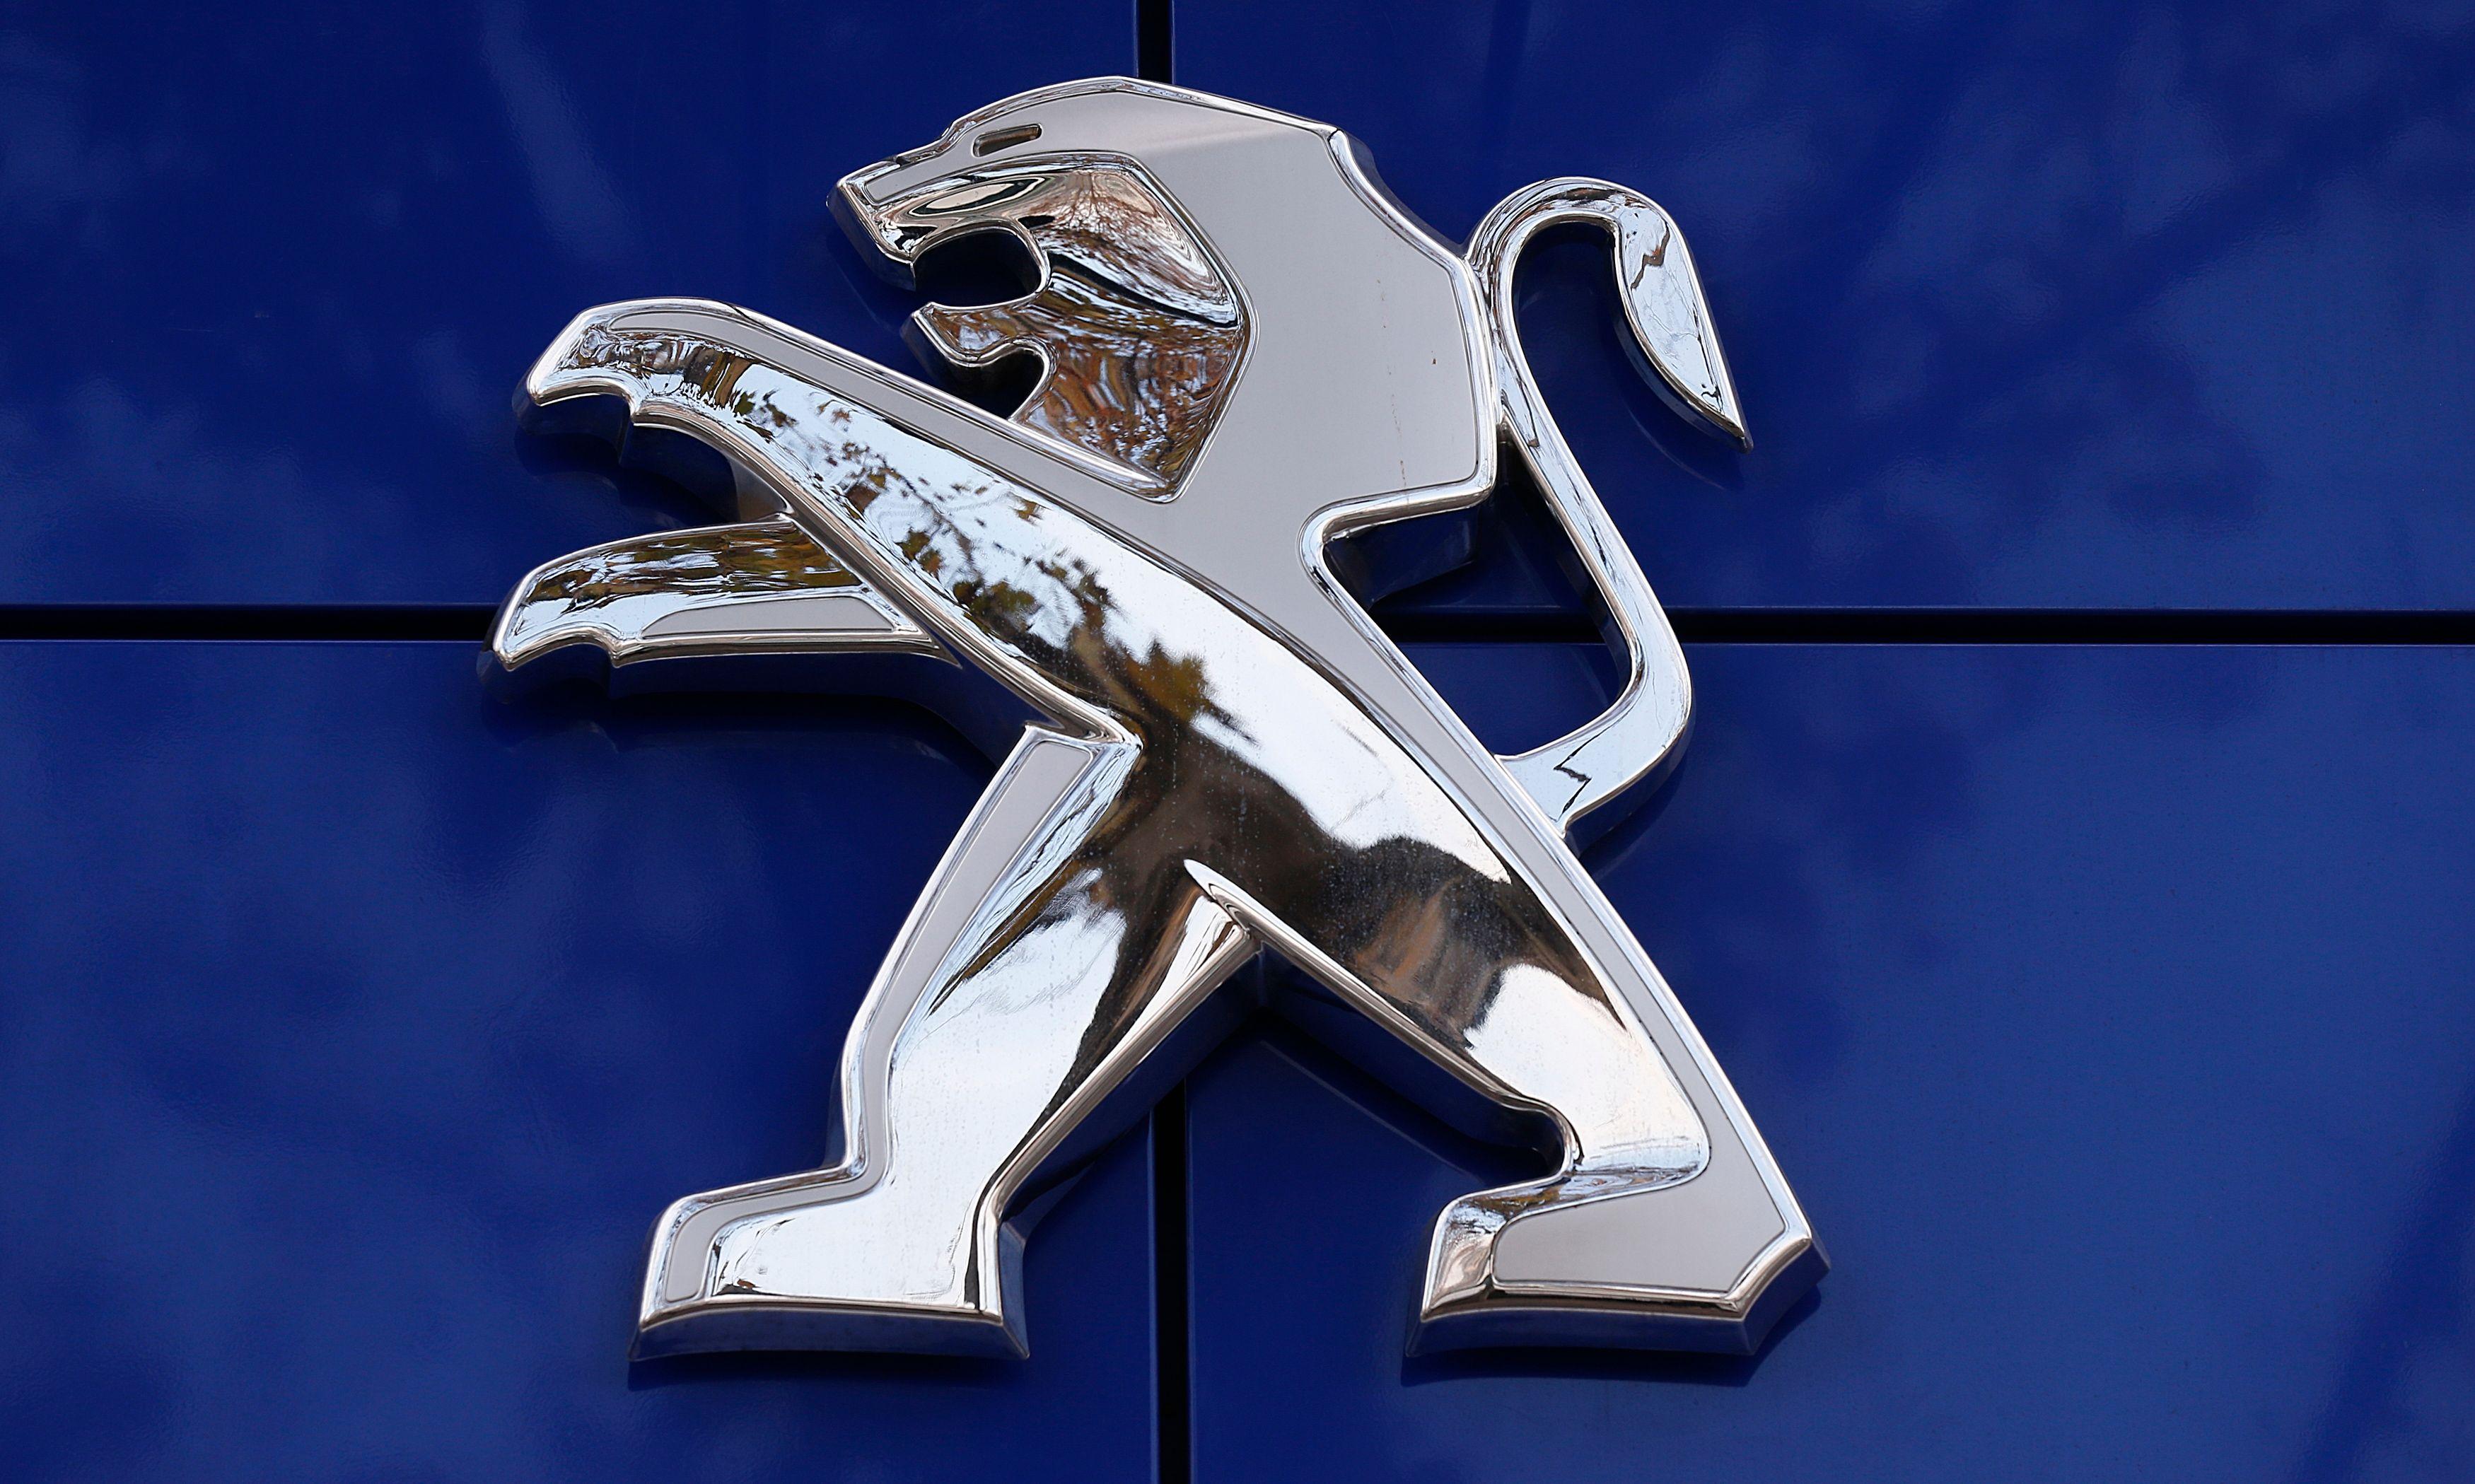 En 2012, le chiffre d'affaires de la division automobile de PSA était en baisse de 10,3 %.